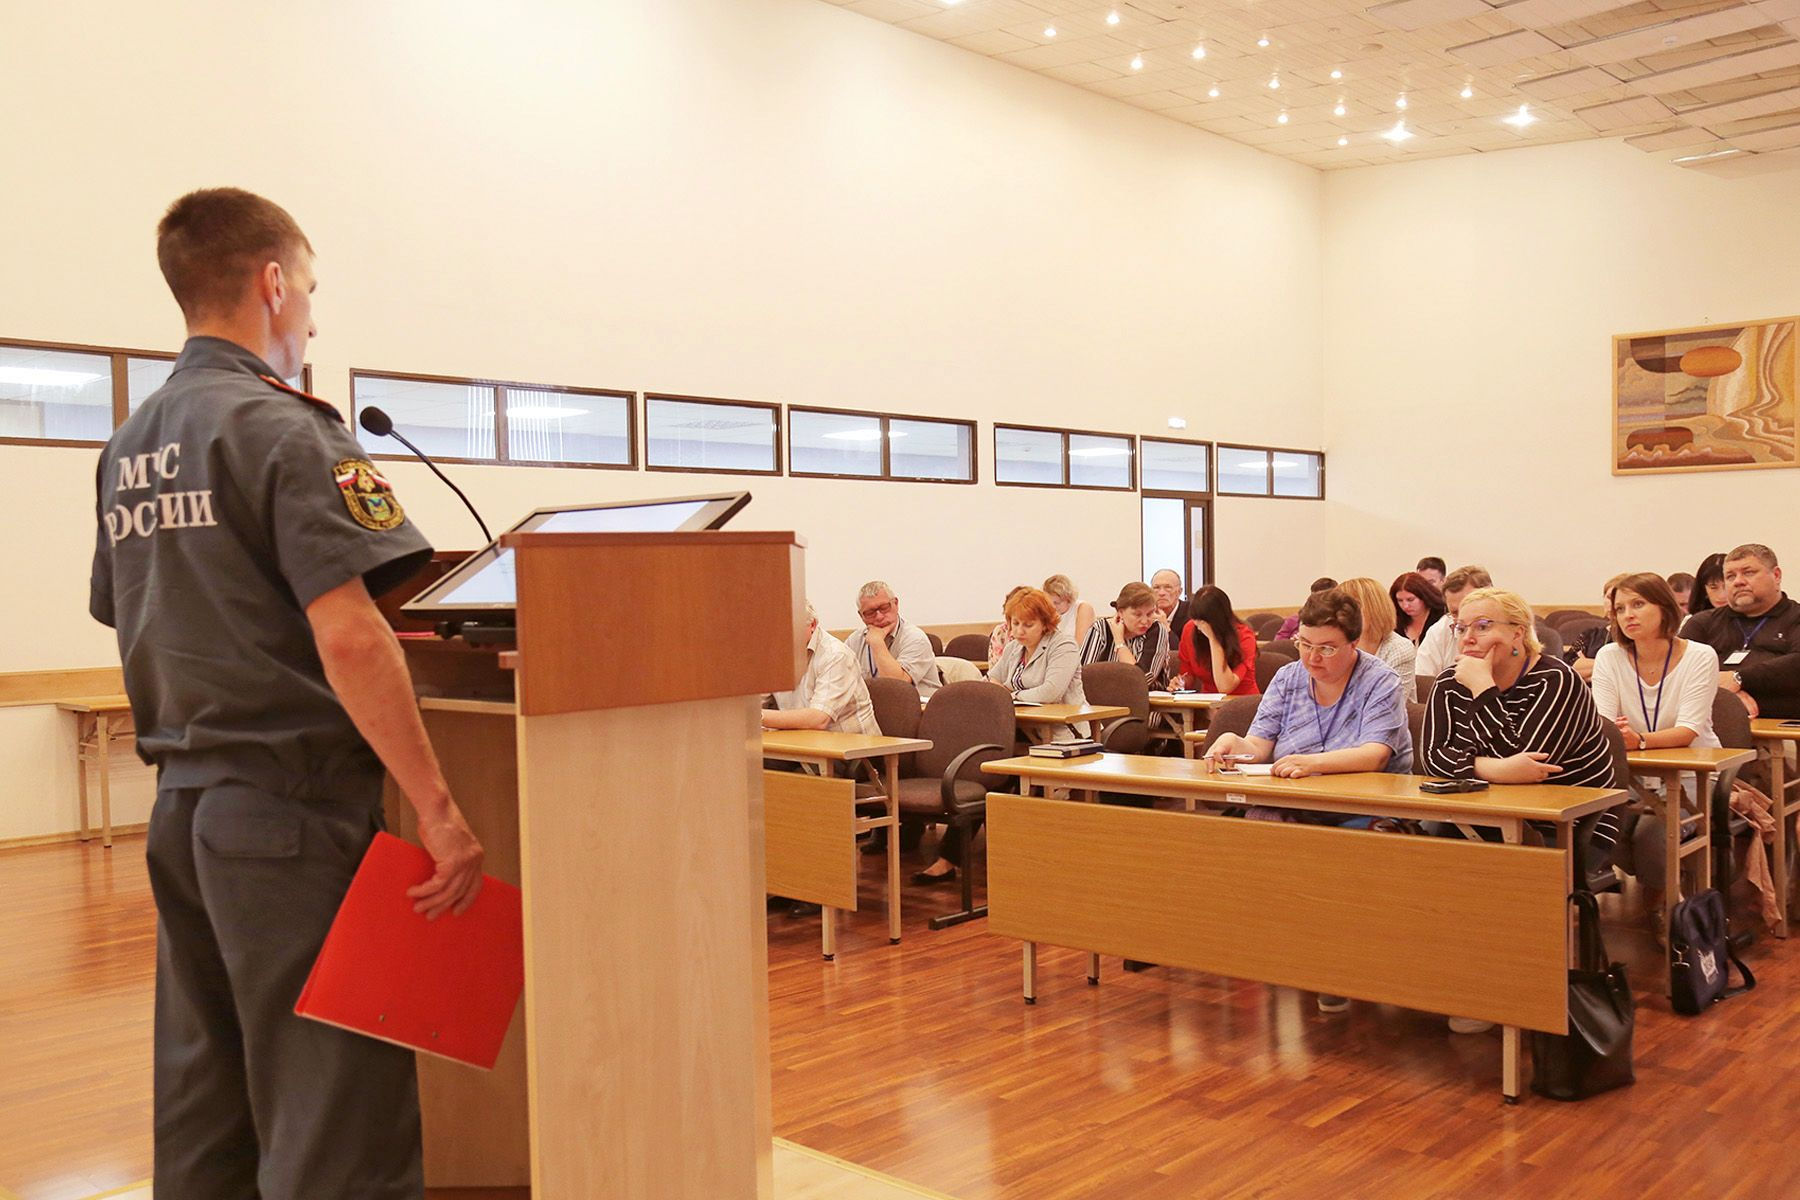 Фоторепортаж: руководители подразделений ВГУЭС проходят обучение по гражданской обороне и сдают экзамены